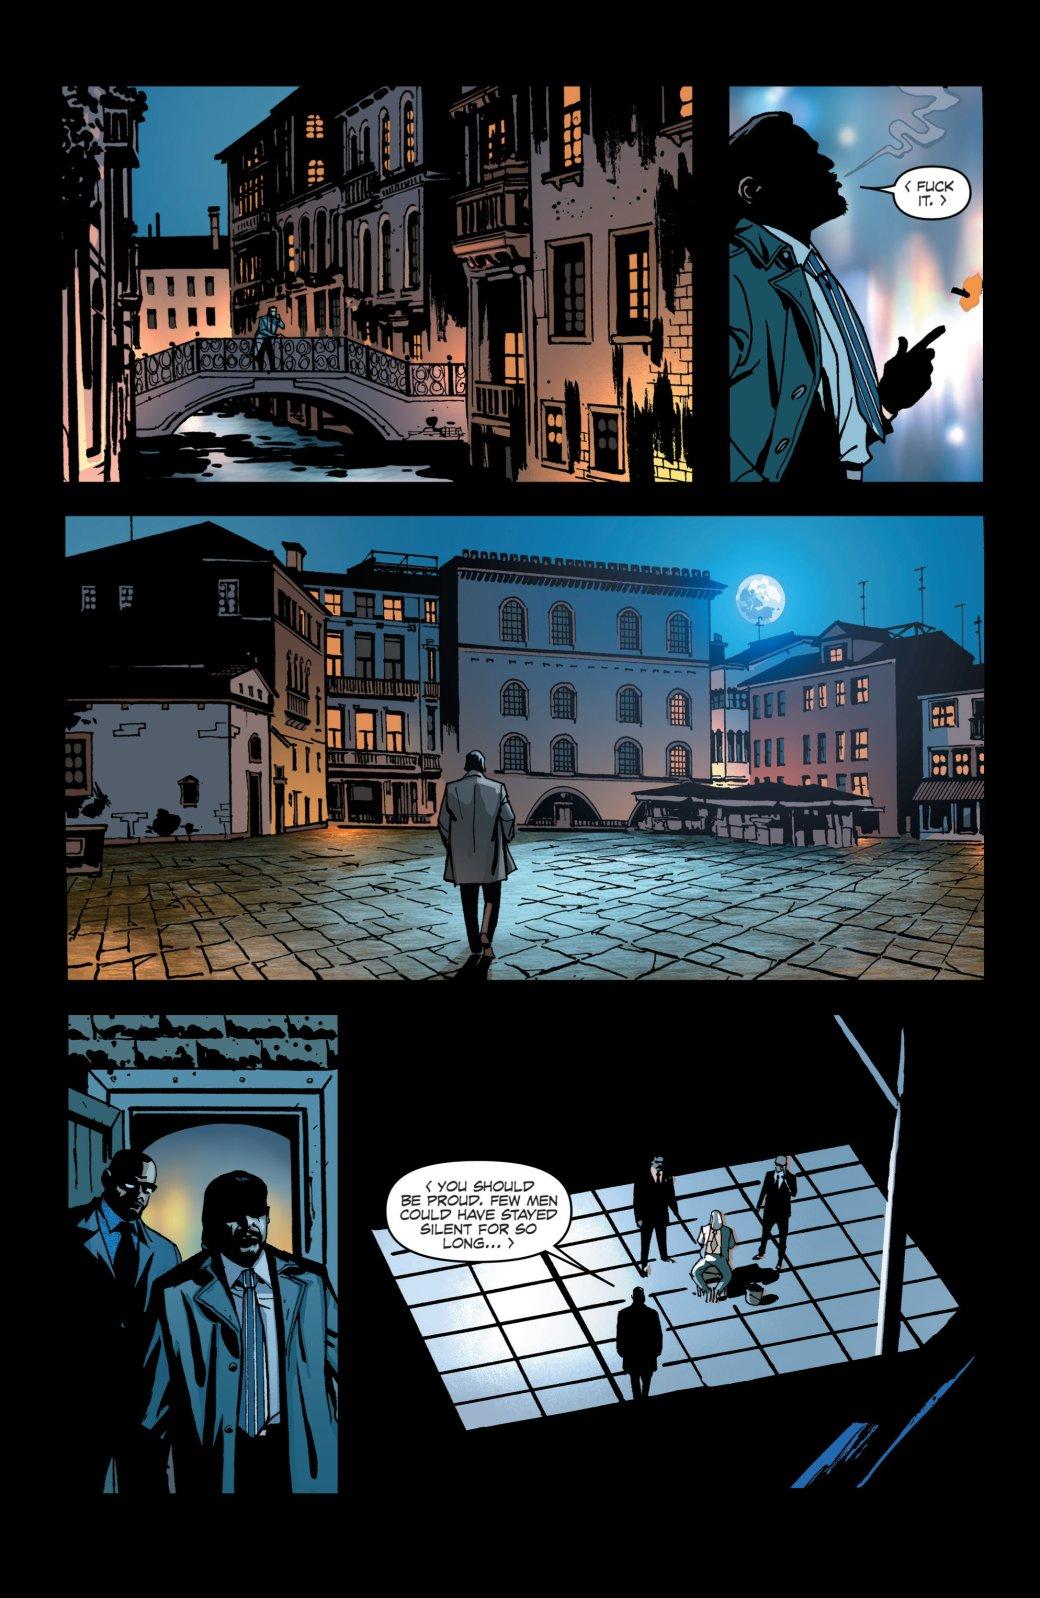 Уже скучаете по«Ходячим мертвецам»? Попробуйте комикс Киркмана Thief ofThieves огениальном воре | Канобу - Изображение 392